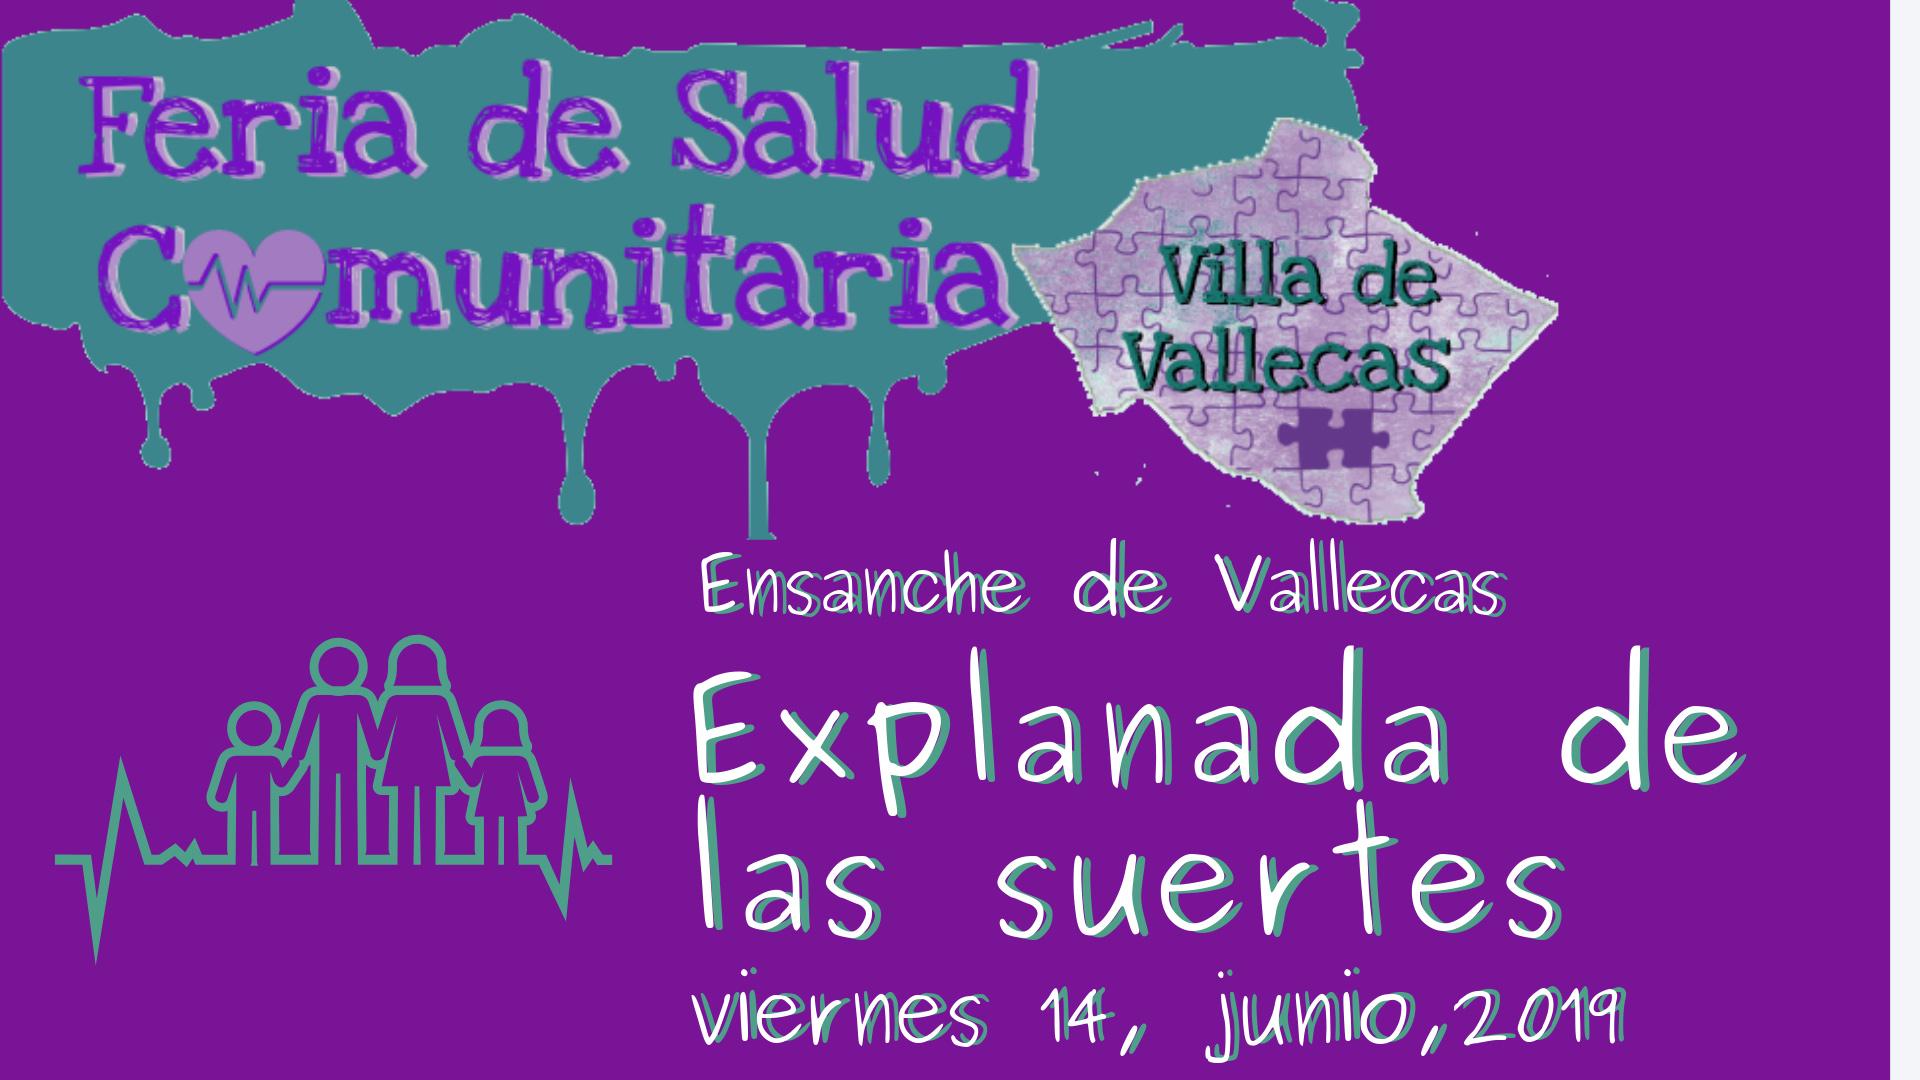 Feria de la Salud Comunitaria de Villa de Vallecas